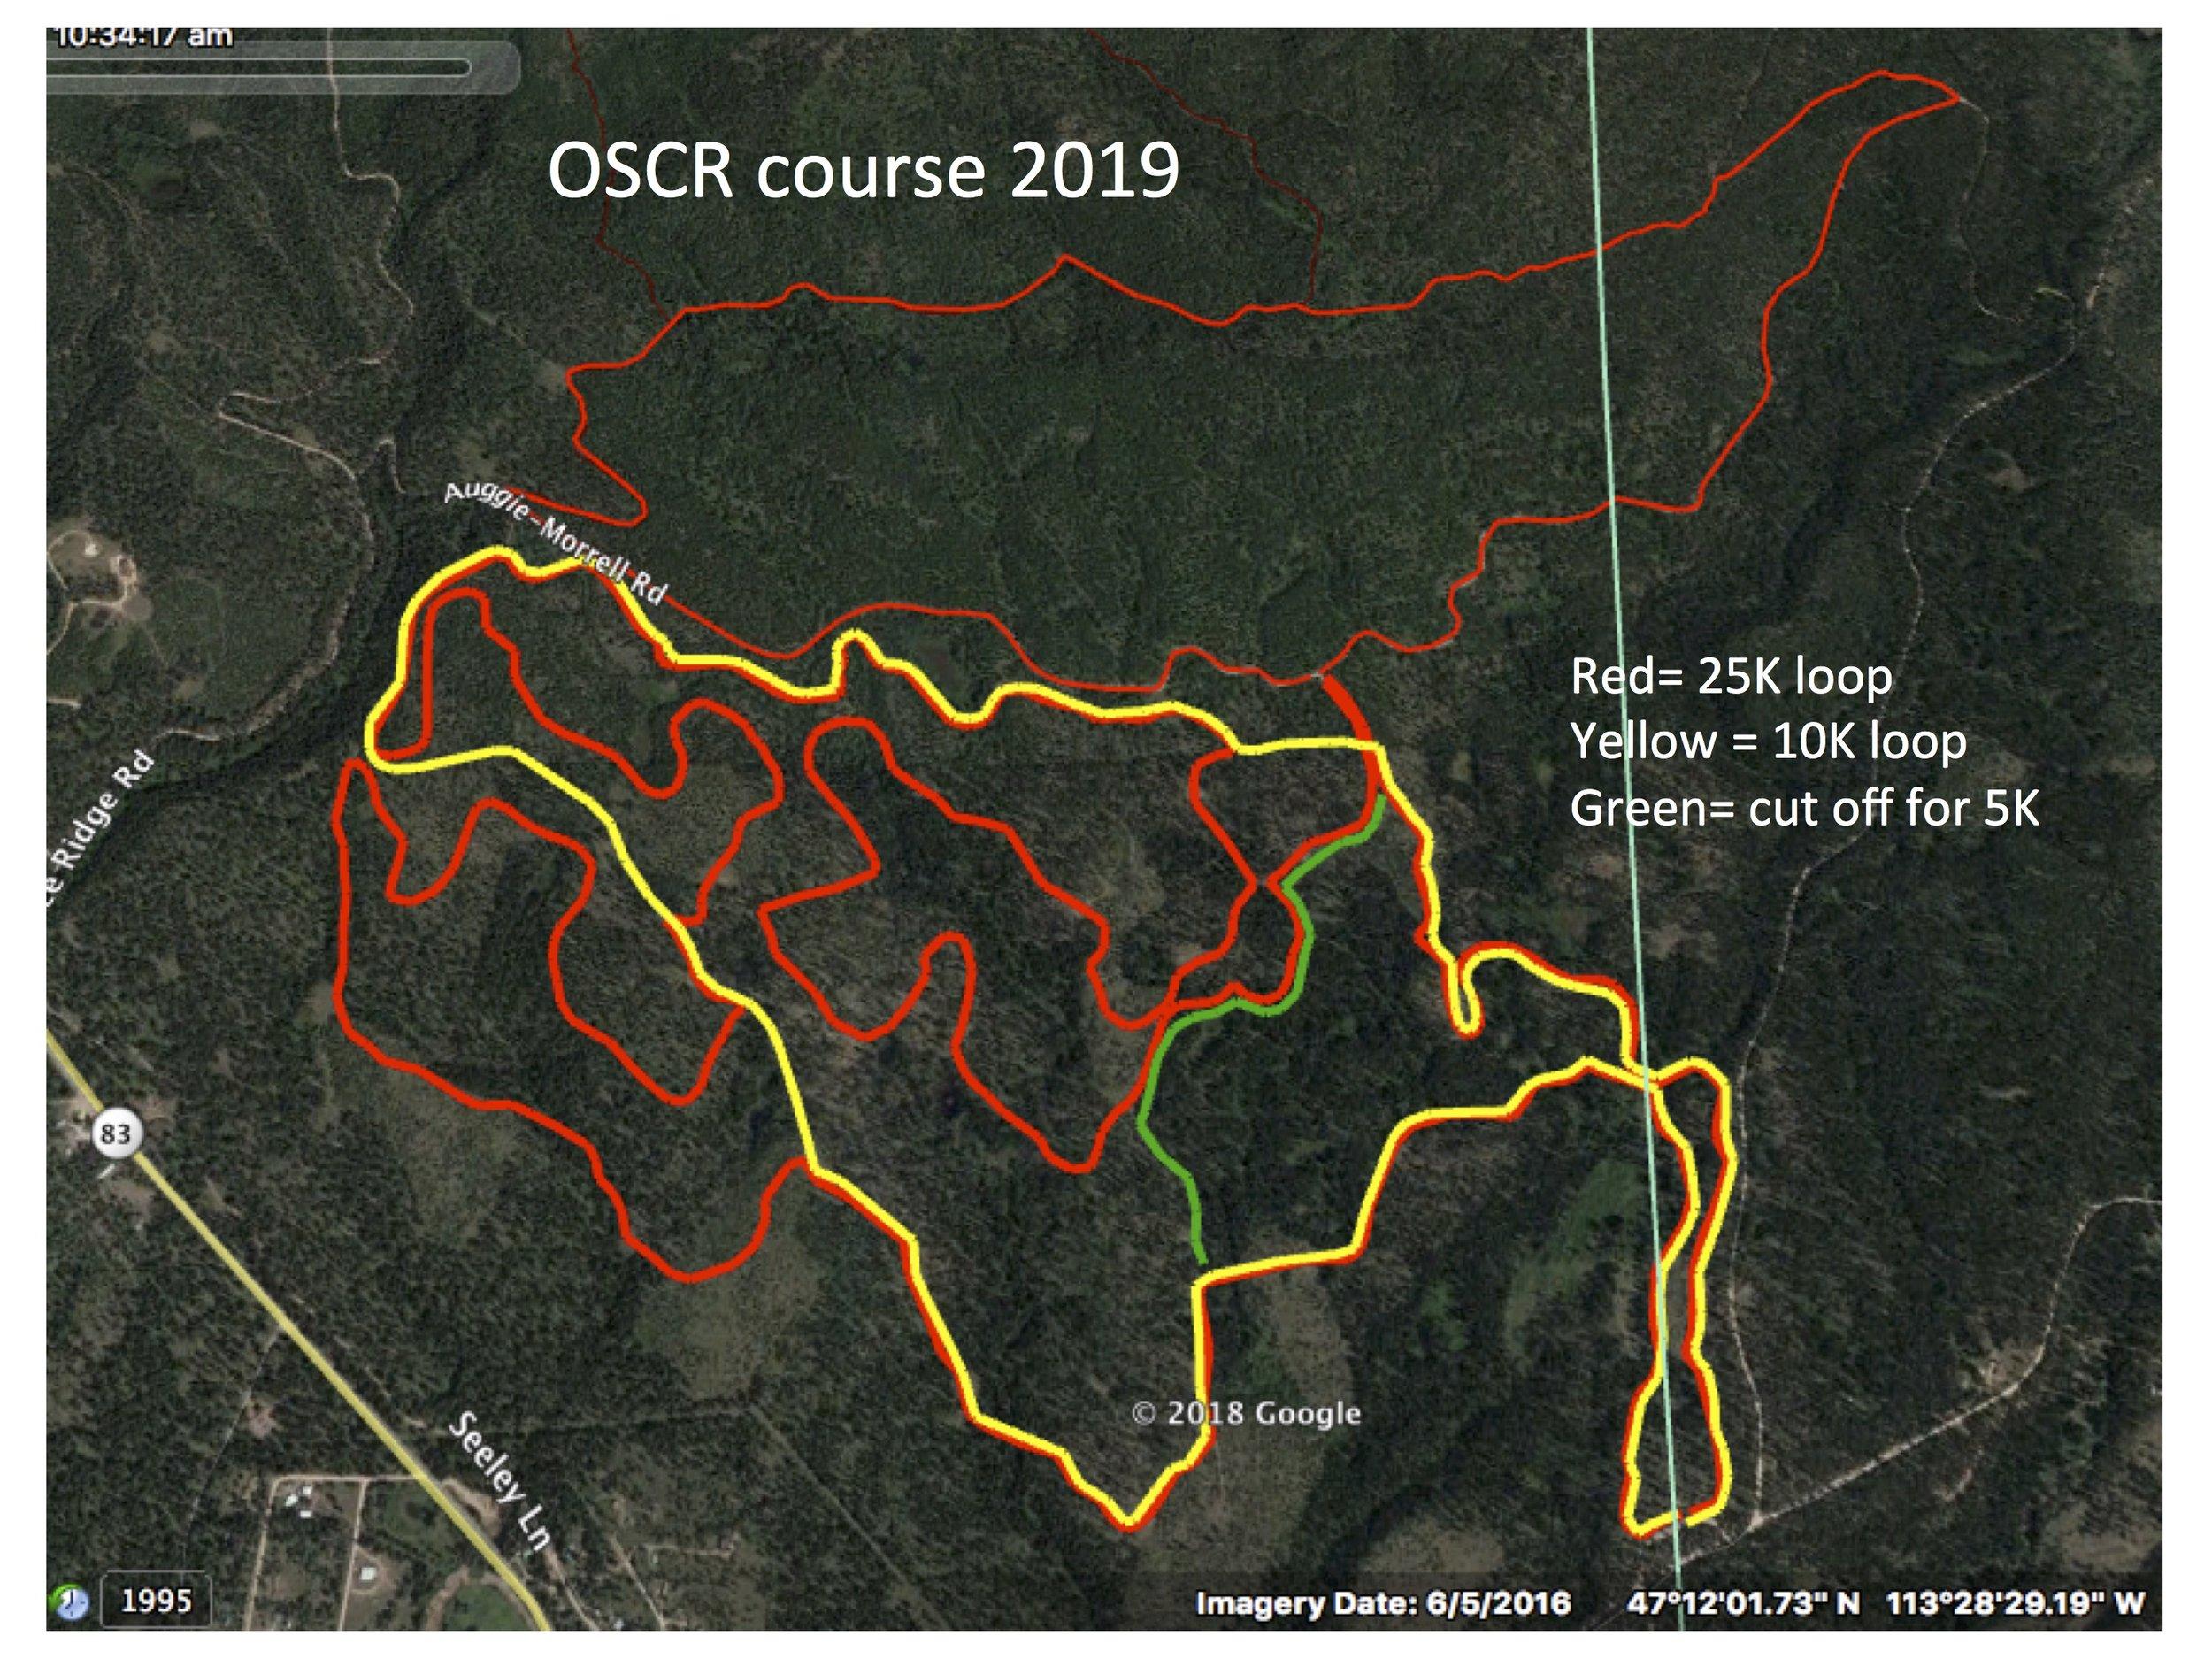 OSCR 2019 course.jpg